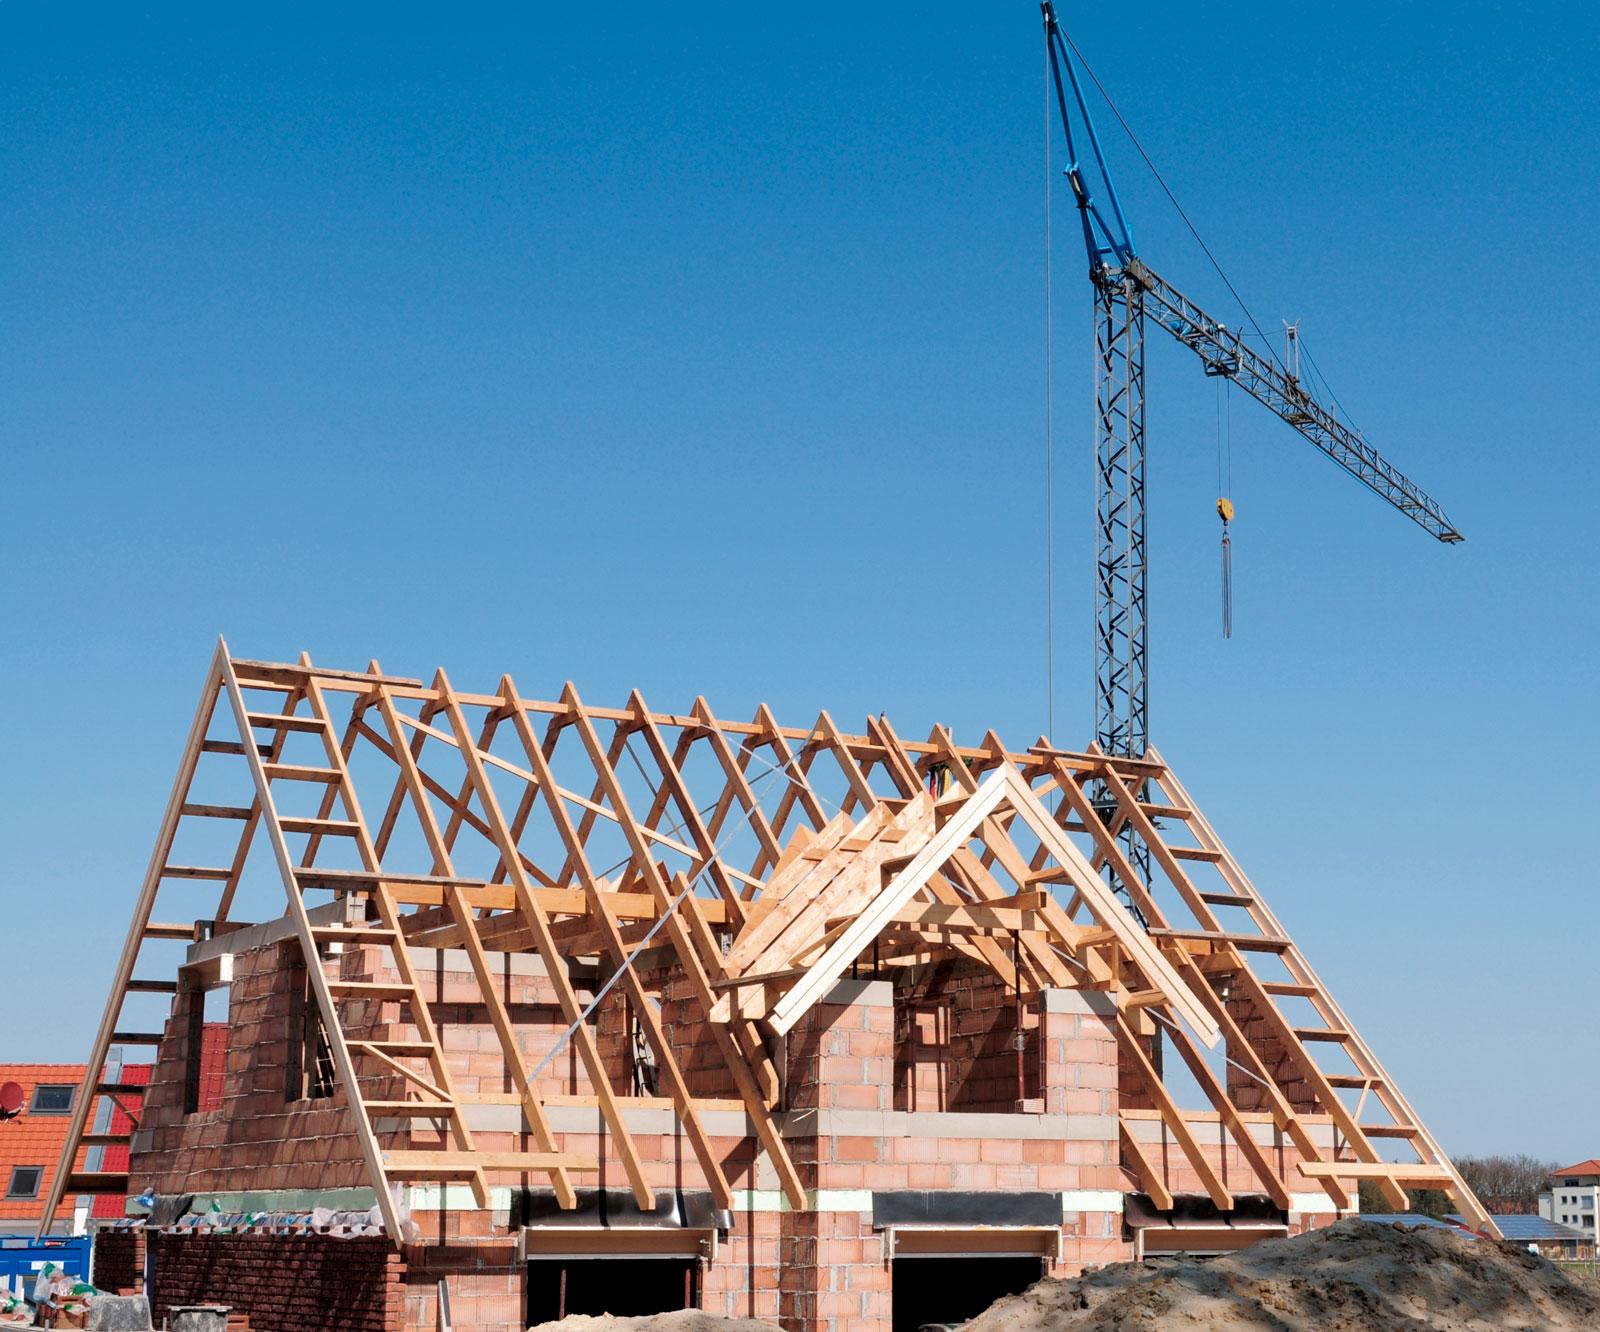 Von Anfang an versichert: Eine Rohbauversicherung schützt dein Haus bereits in der Entstehungsphase.